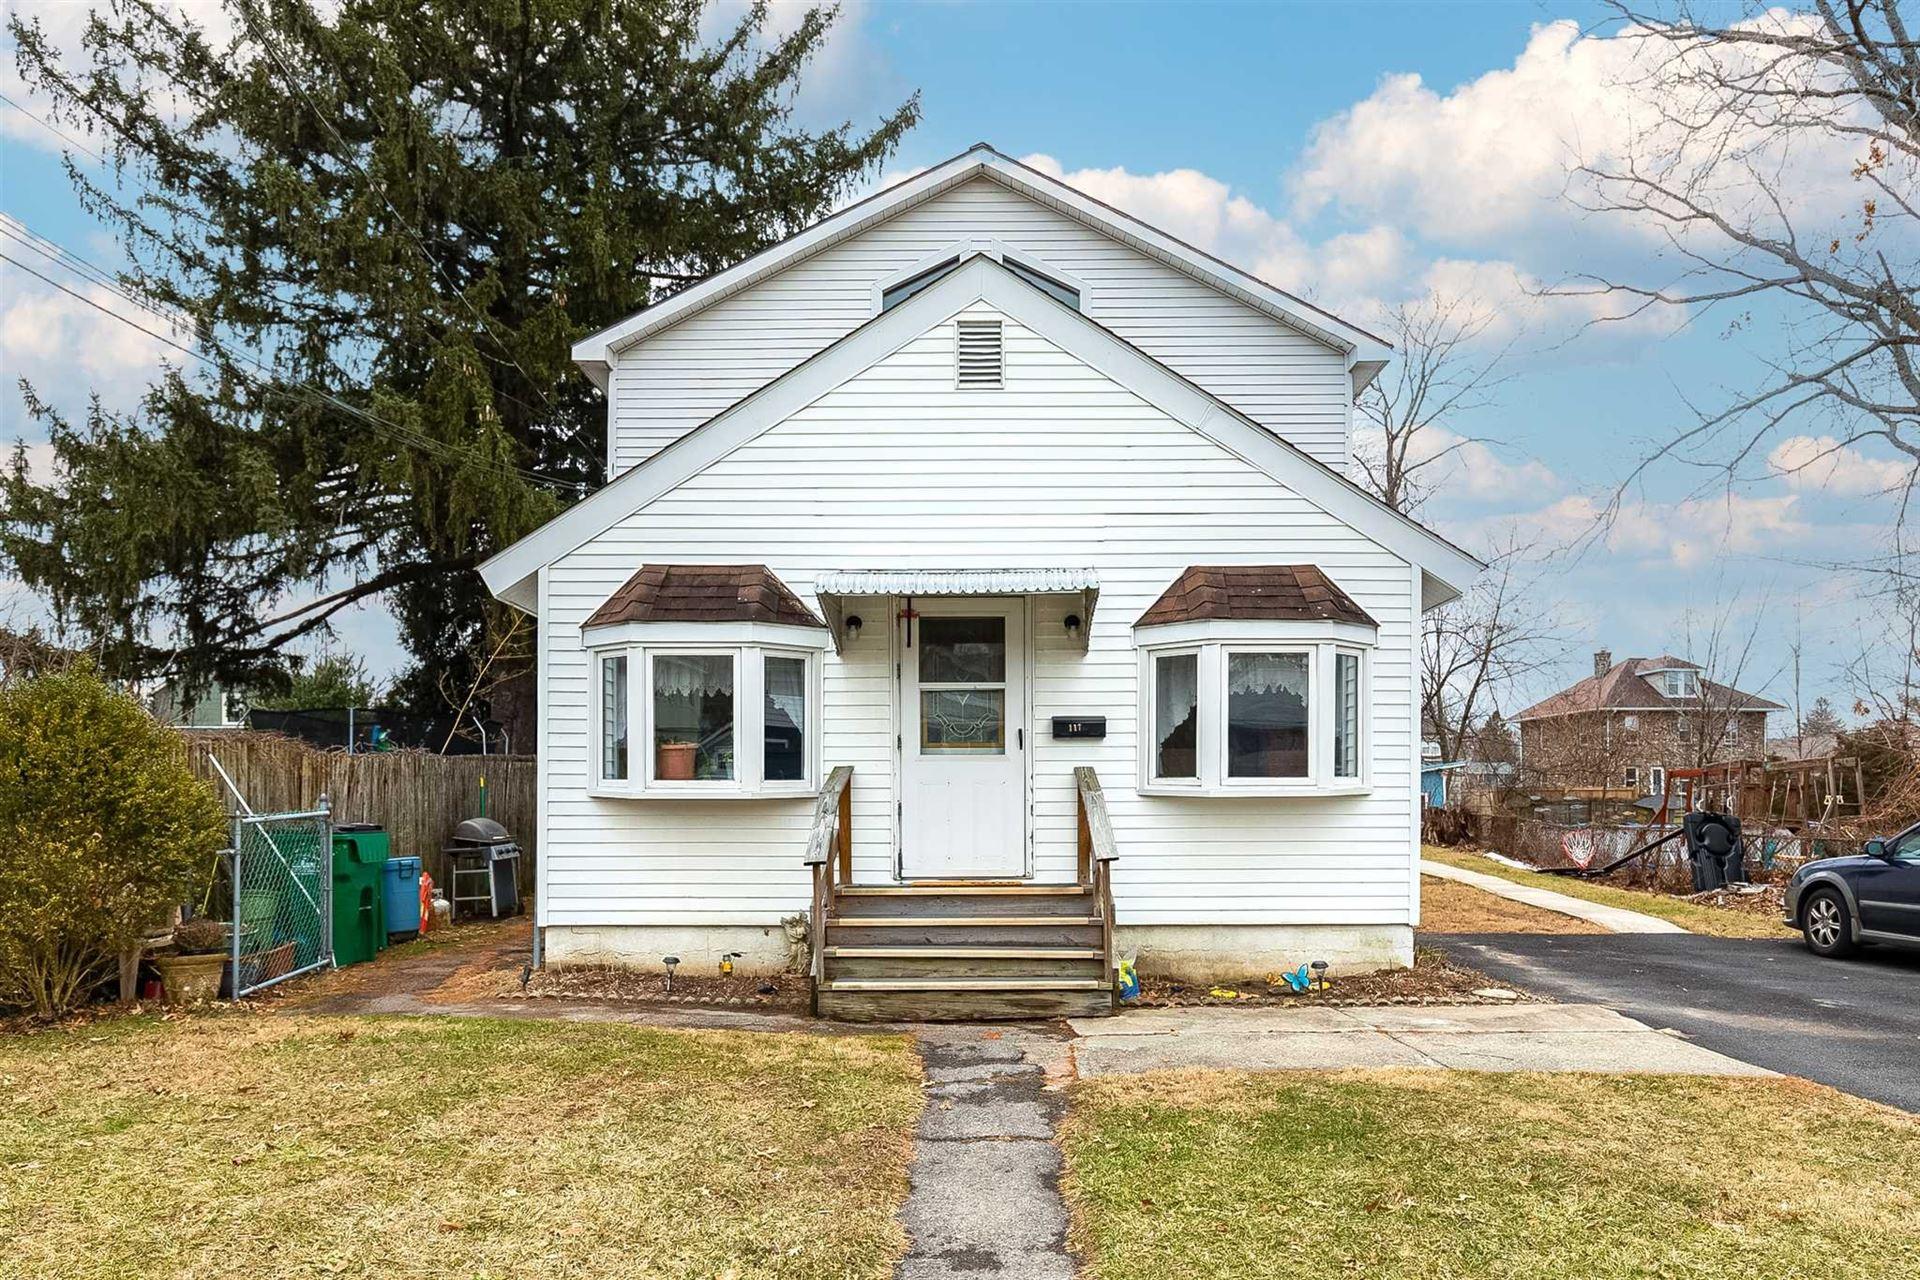 117 CATHERINE ST, Beacon, NY 12508 - #: 398873